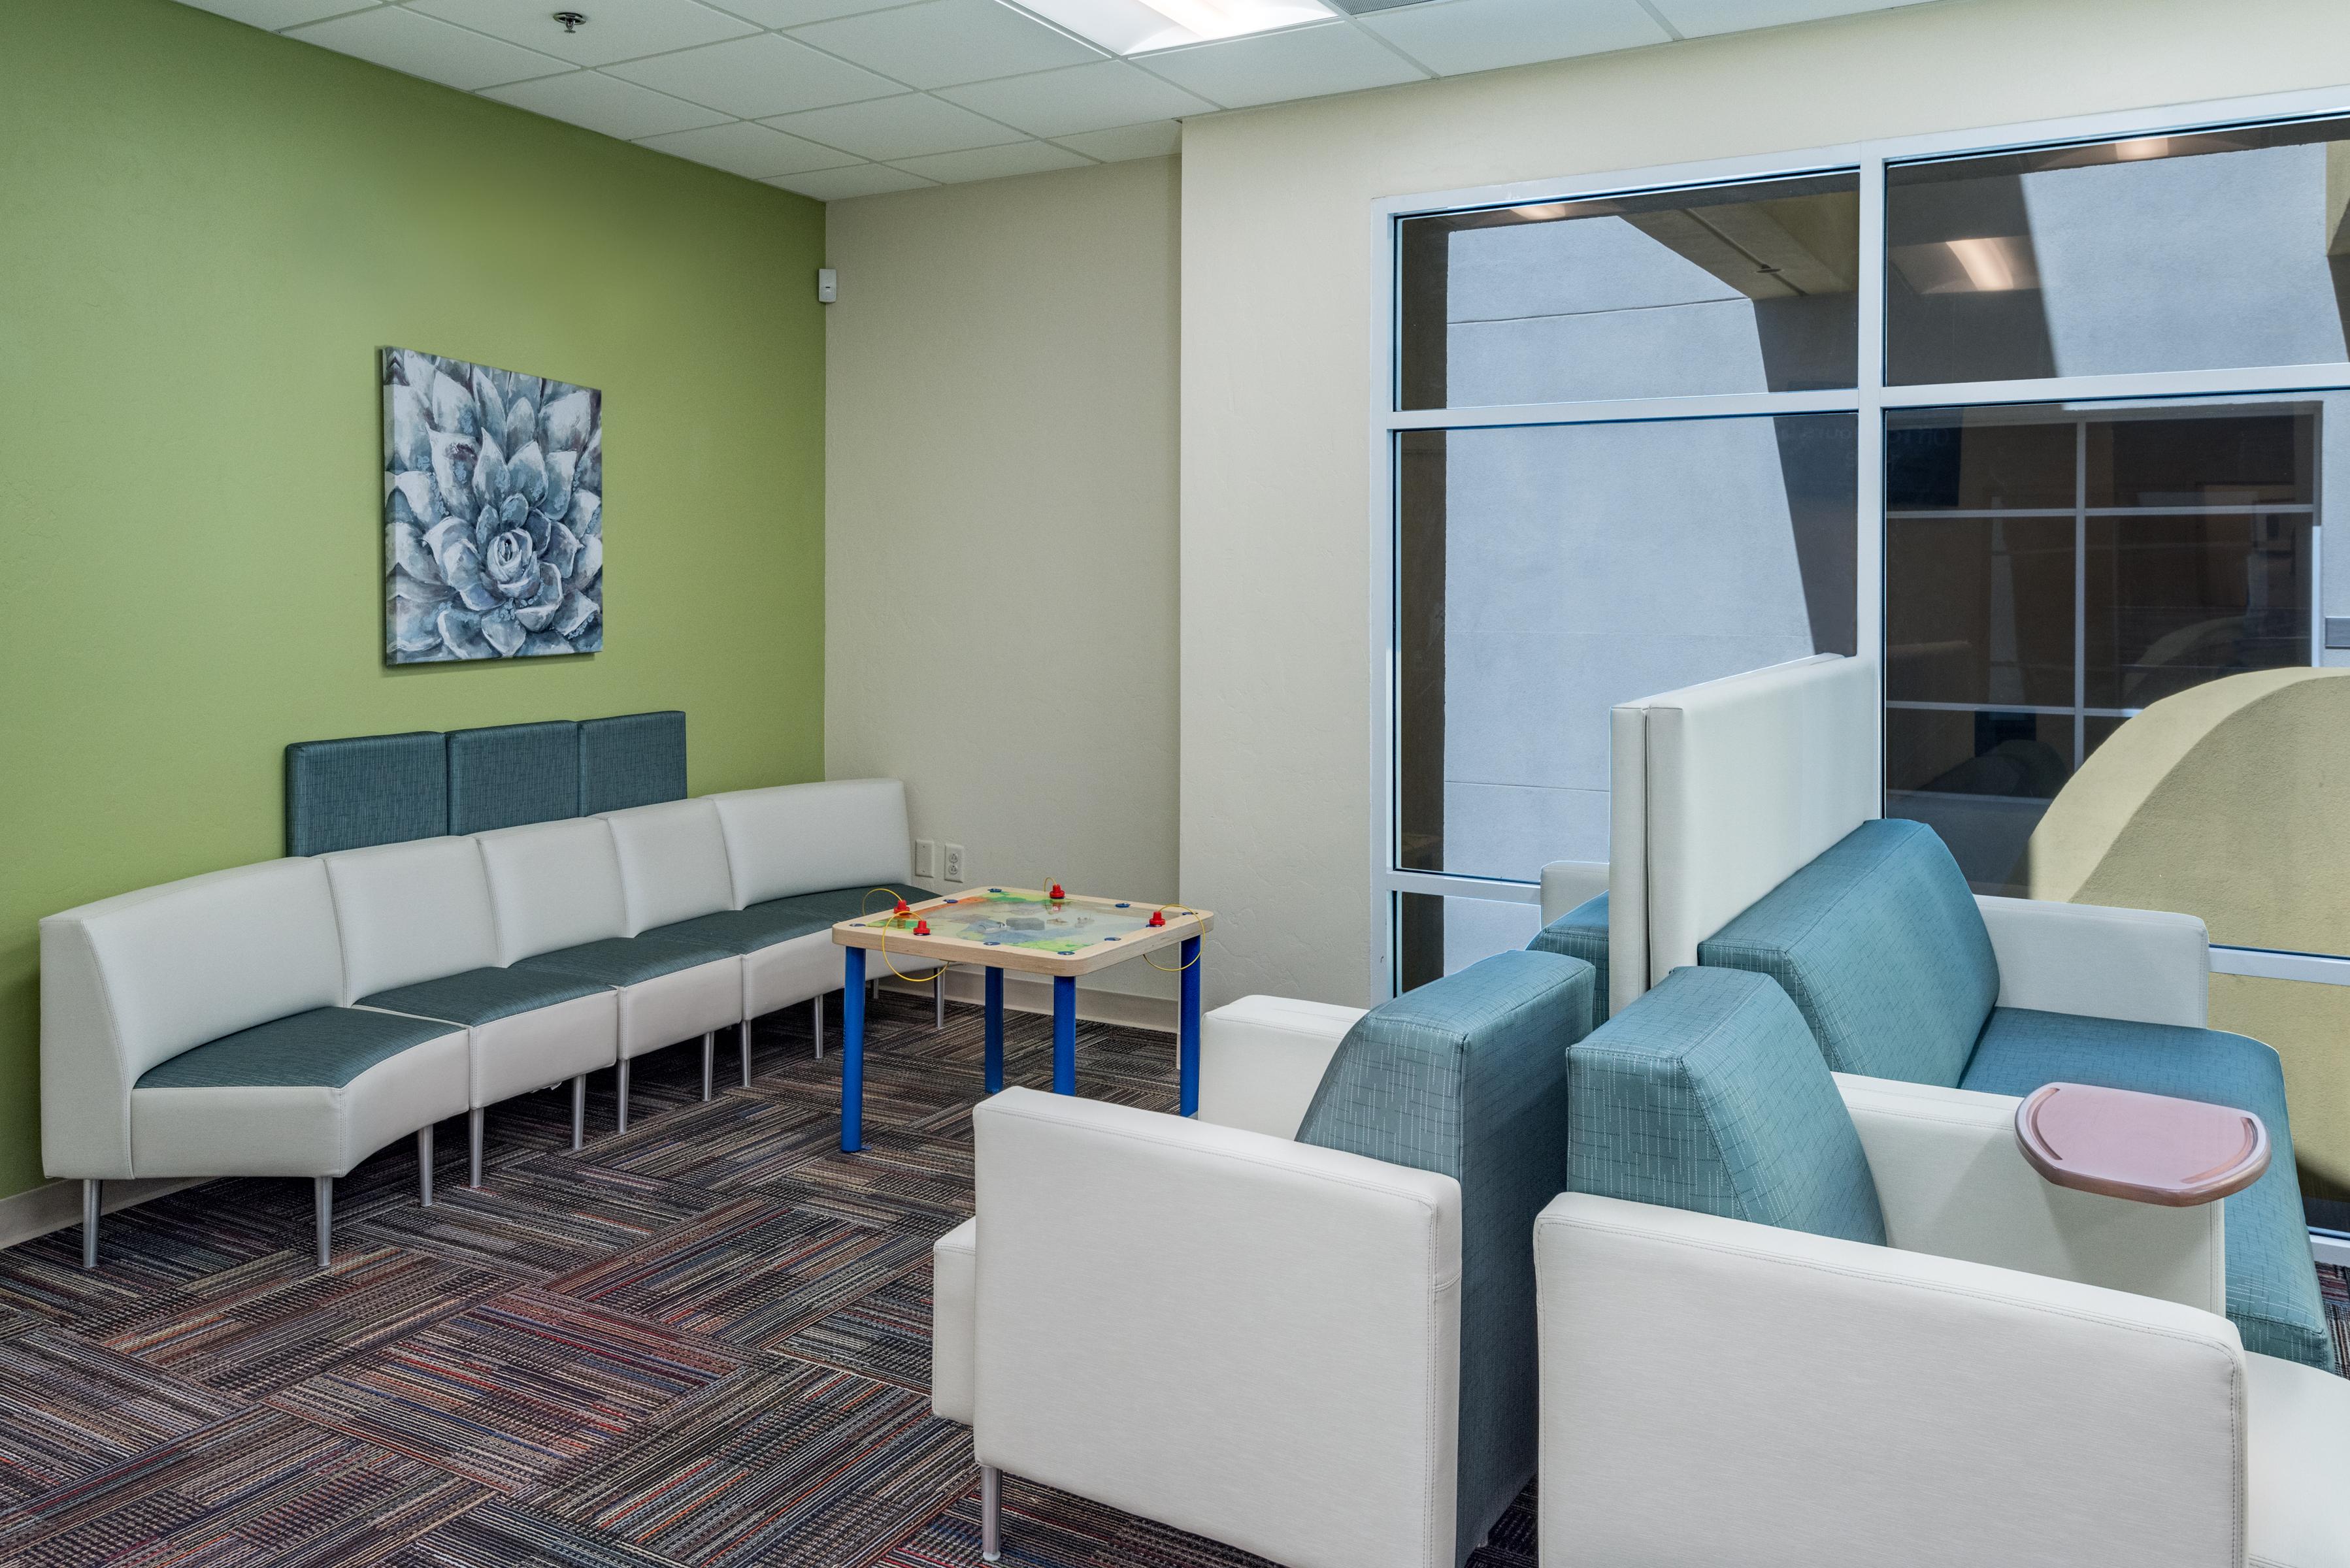 Carondelet Medical Group Jkaiser Workspaces